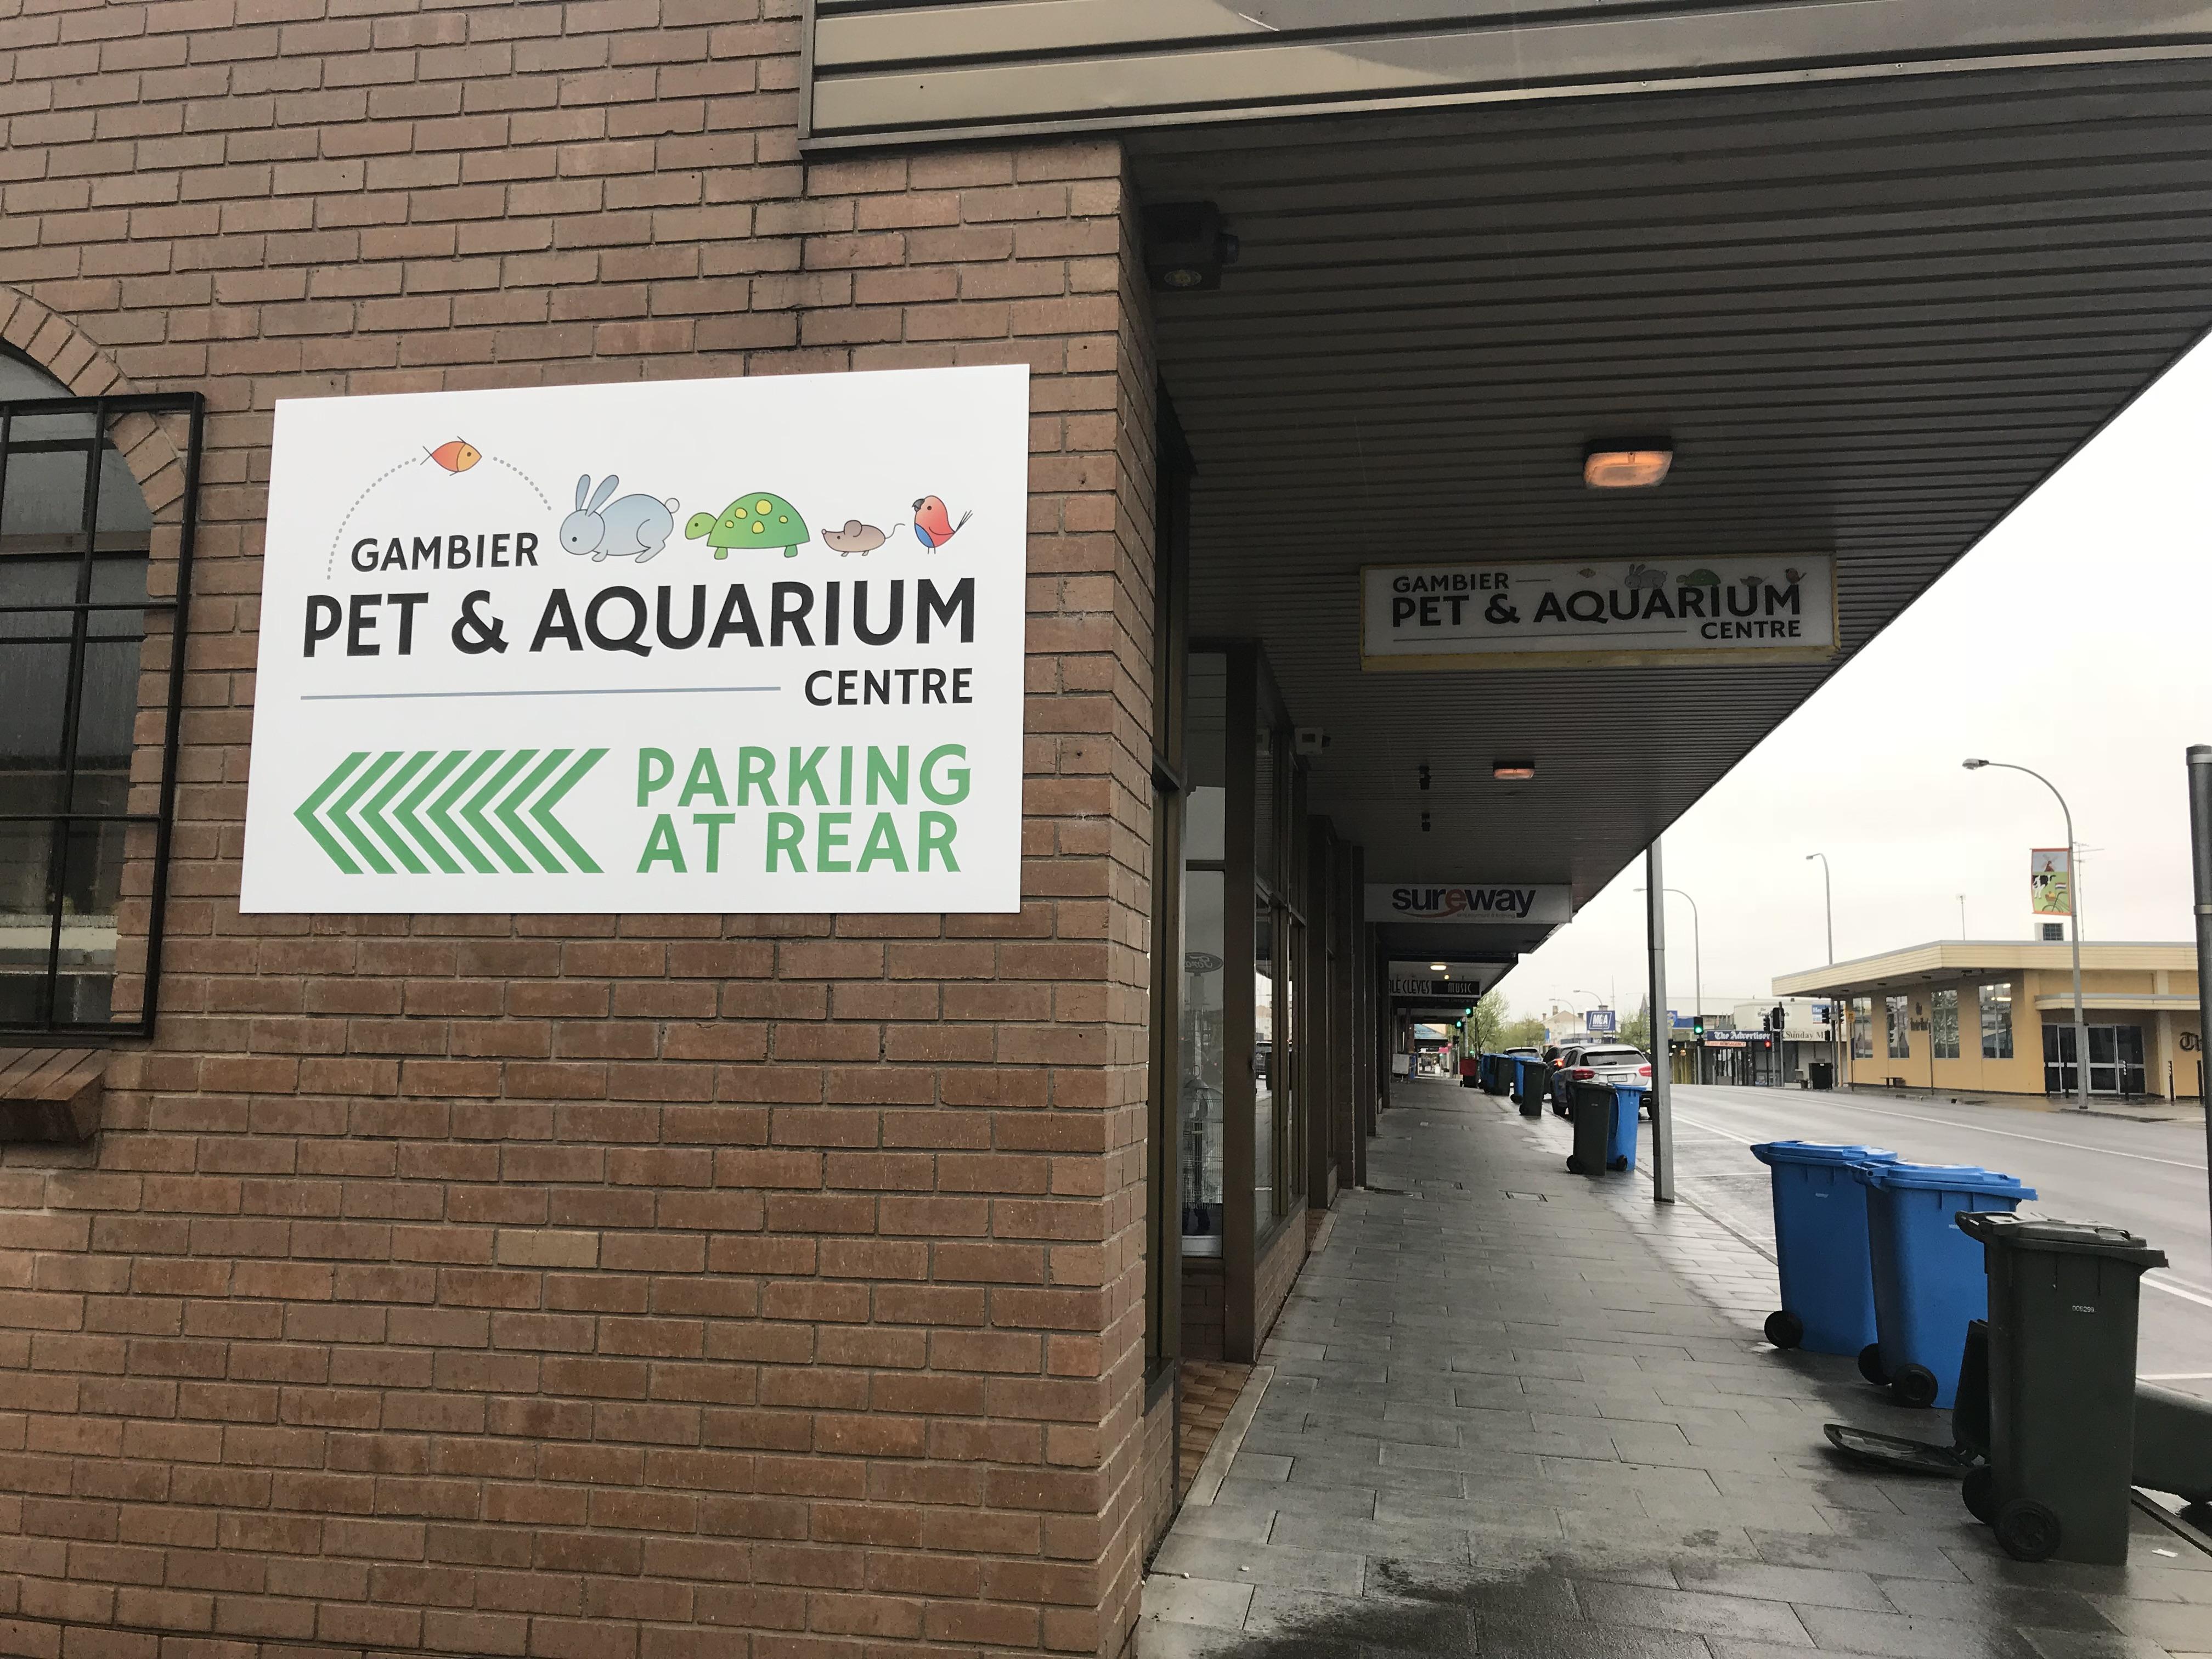 Gambier Pet & Aquarium Signage